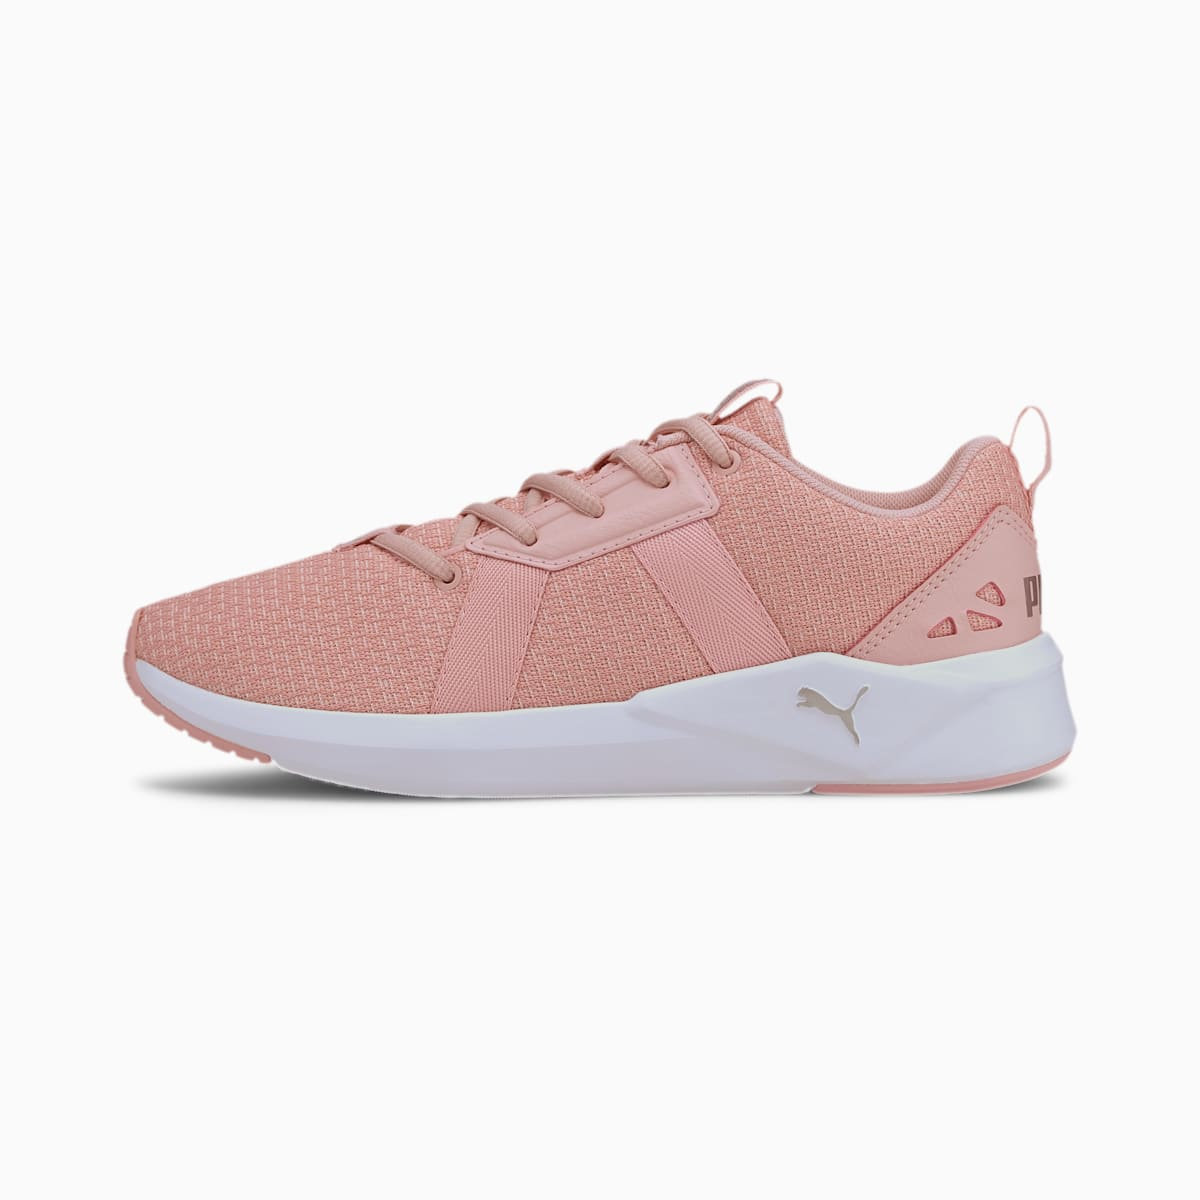 Chaussures de sport en mailles Chroma femme